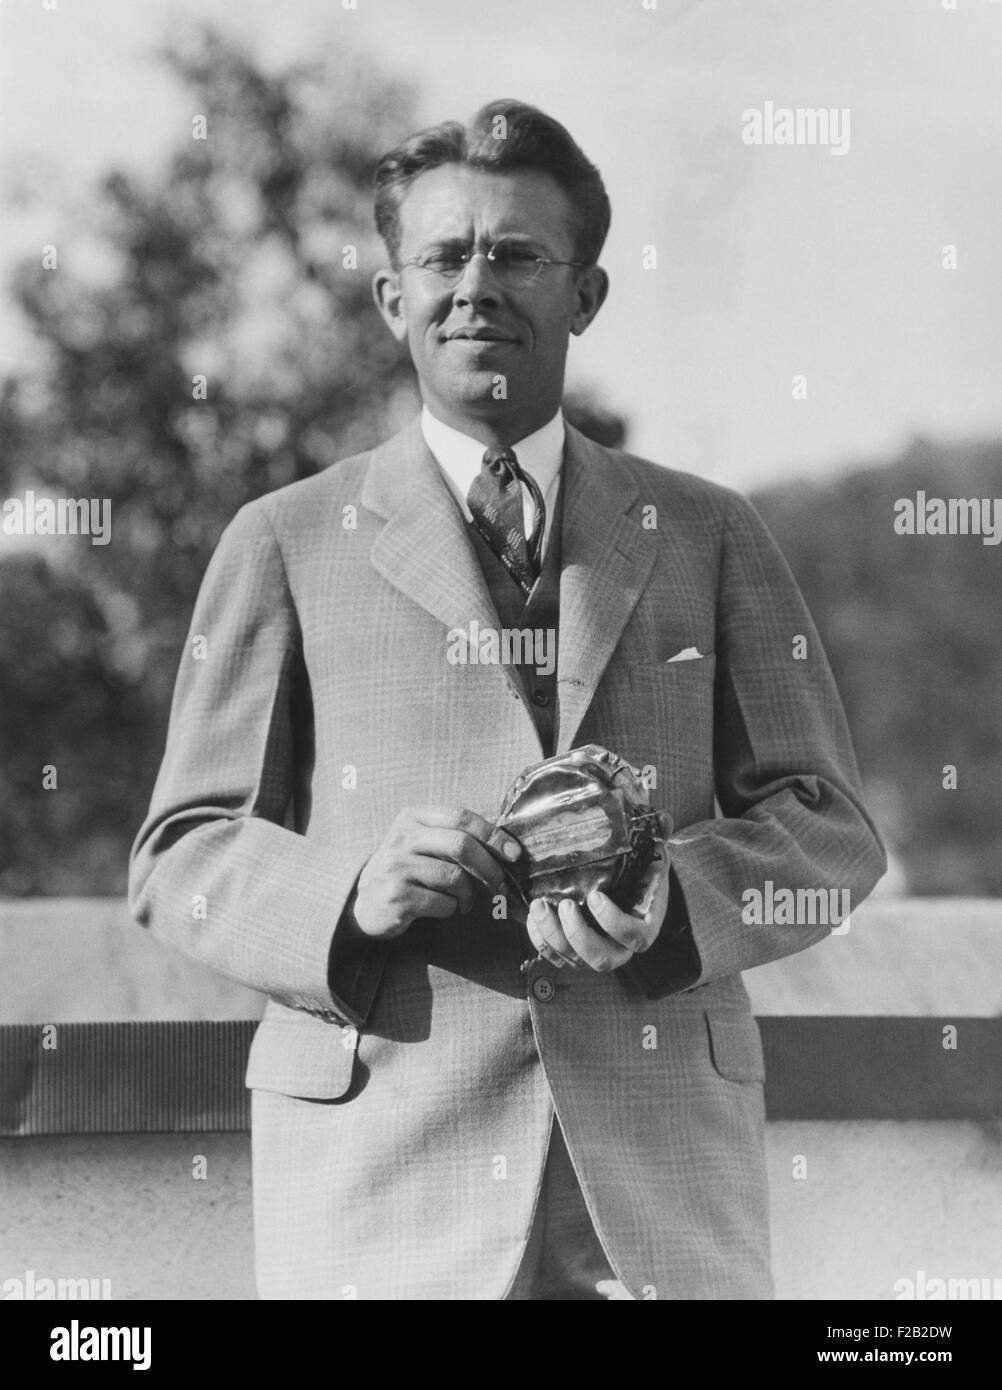 Ernest Orlando Lawrence, US-amerikanischer Kernphysiker im Jahr 1935. 1934 erhielt er ein Patent für das Zyklotron. Im Jahr 1939 gewann er die Stockfoto